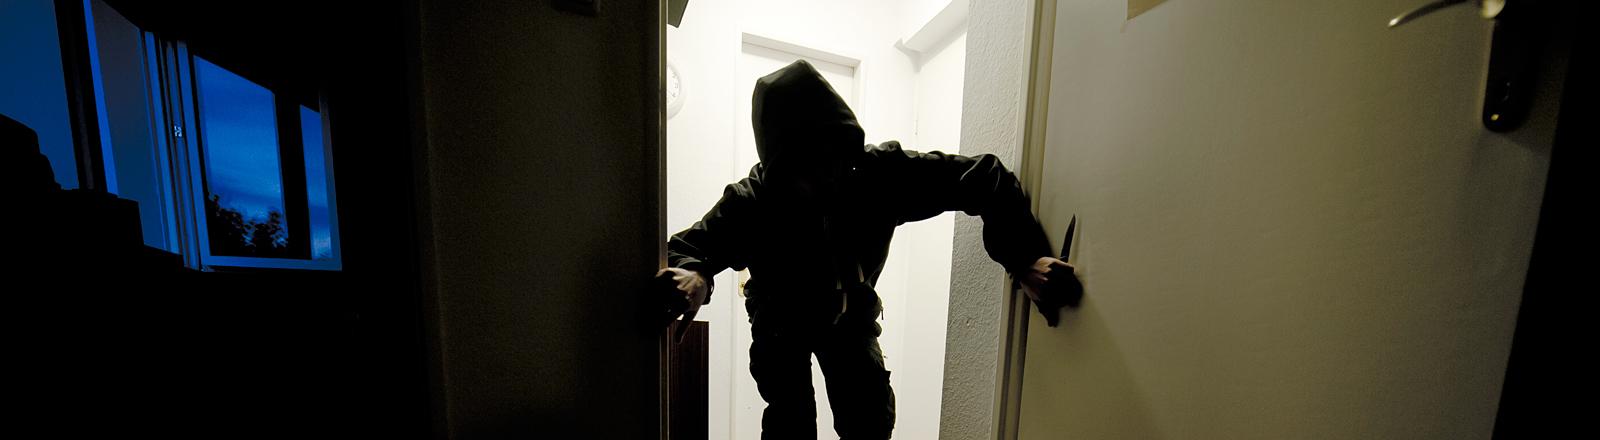 Mann bricht in Wohnung ein